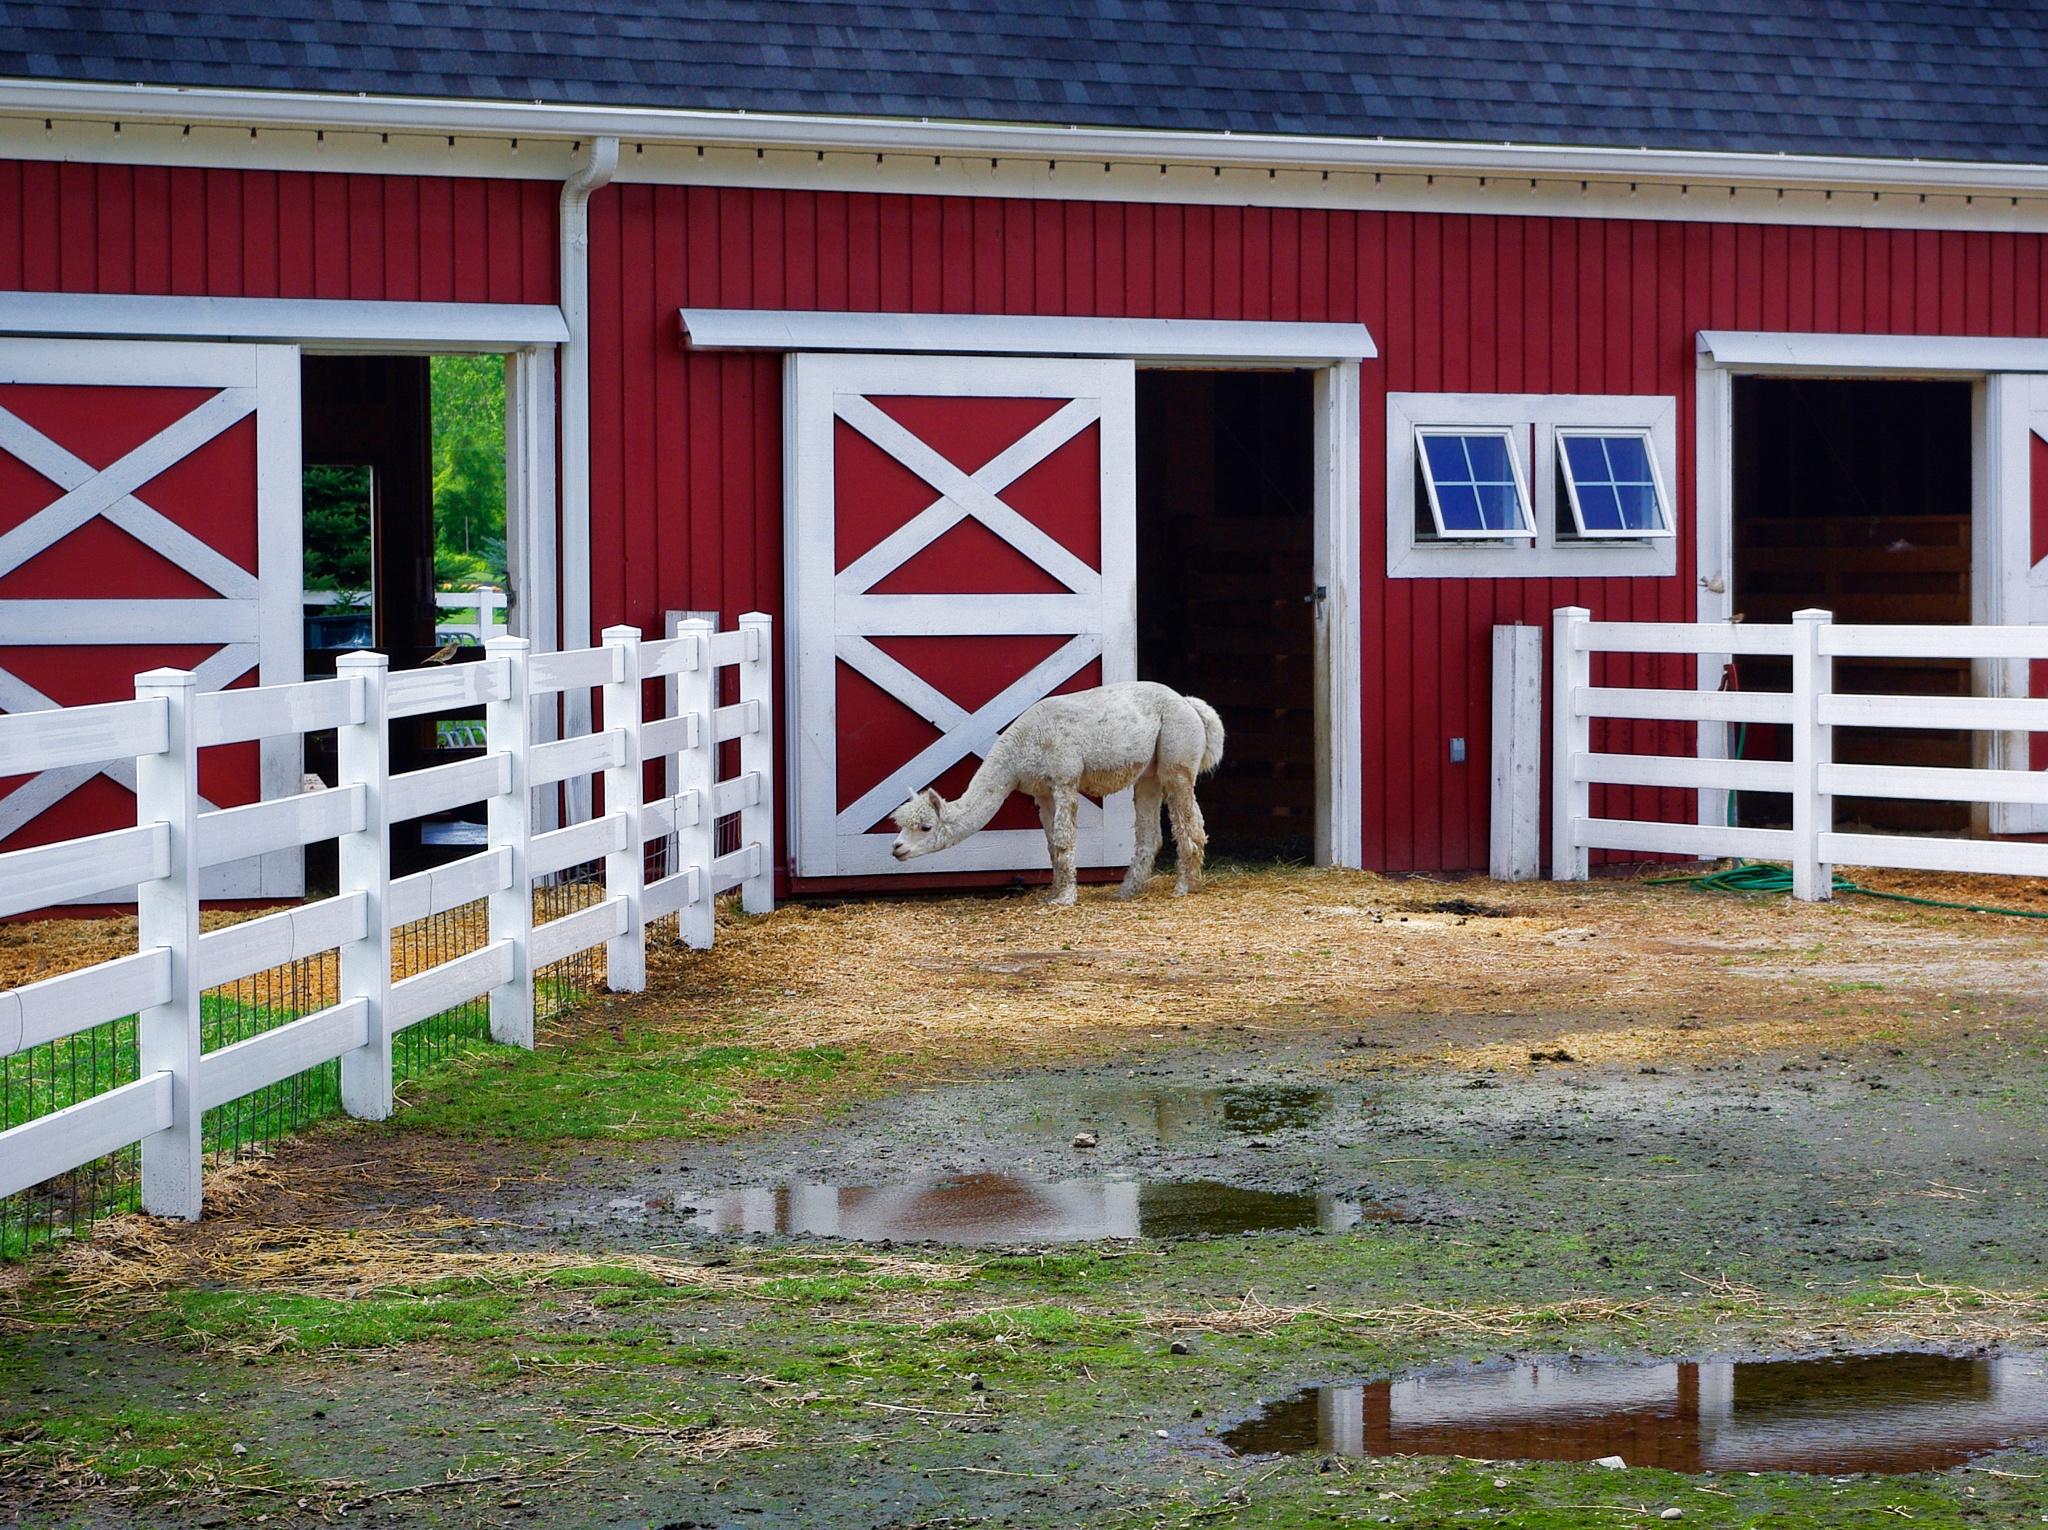 Petting Farm by chuckhildebrandt7